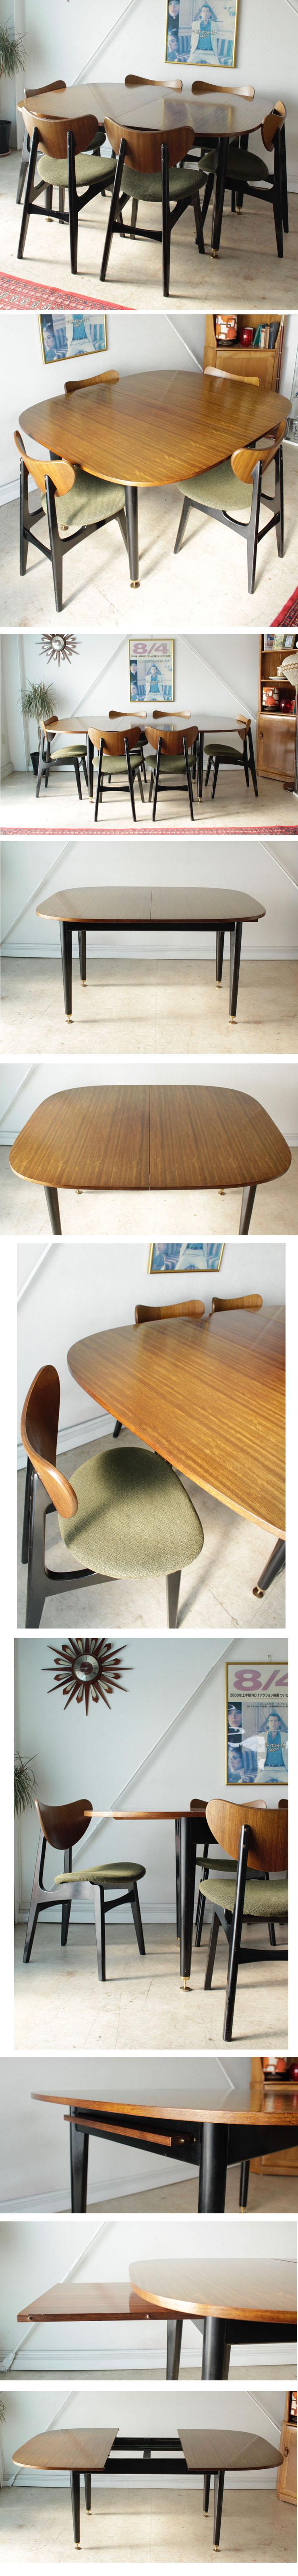 イギリス製・G-plan・ジープラン・ダイニングテーブル・ビンテージ・チーク・アンティーク・北欧